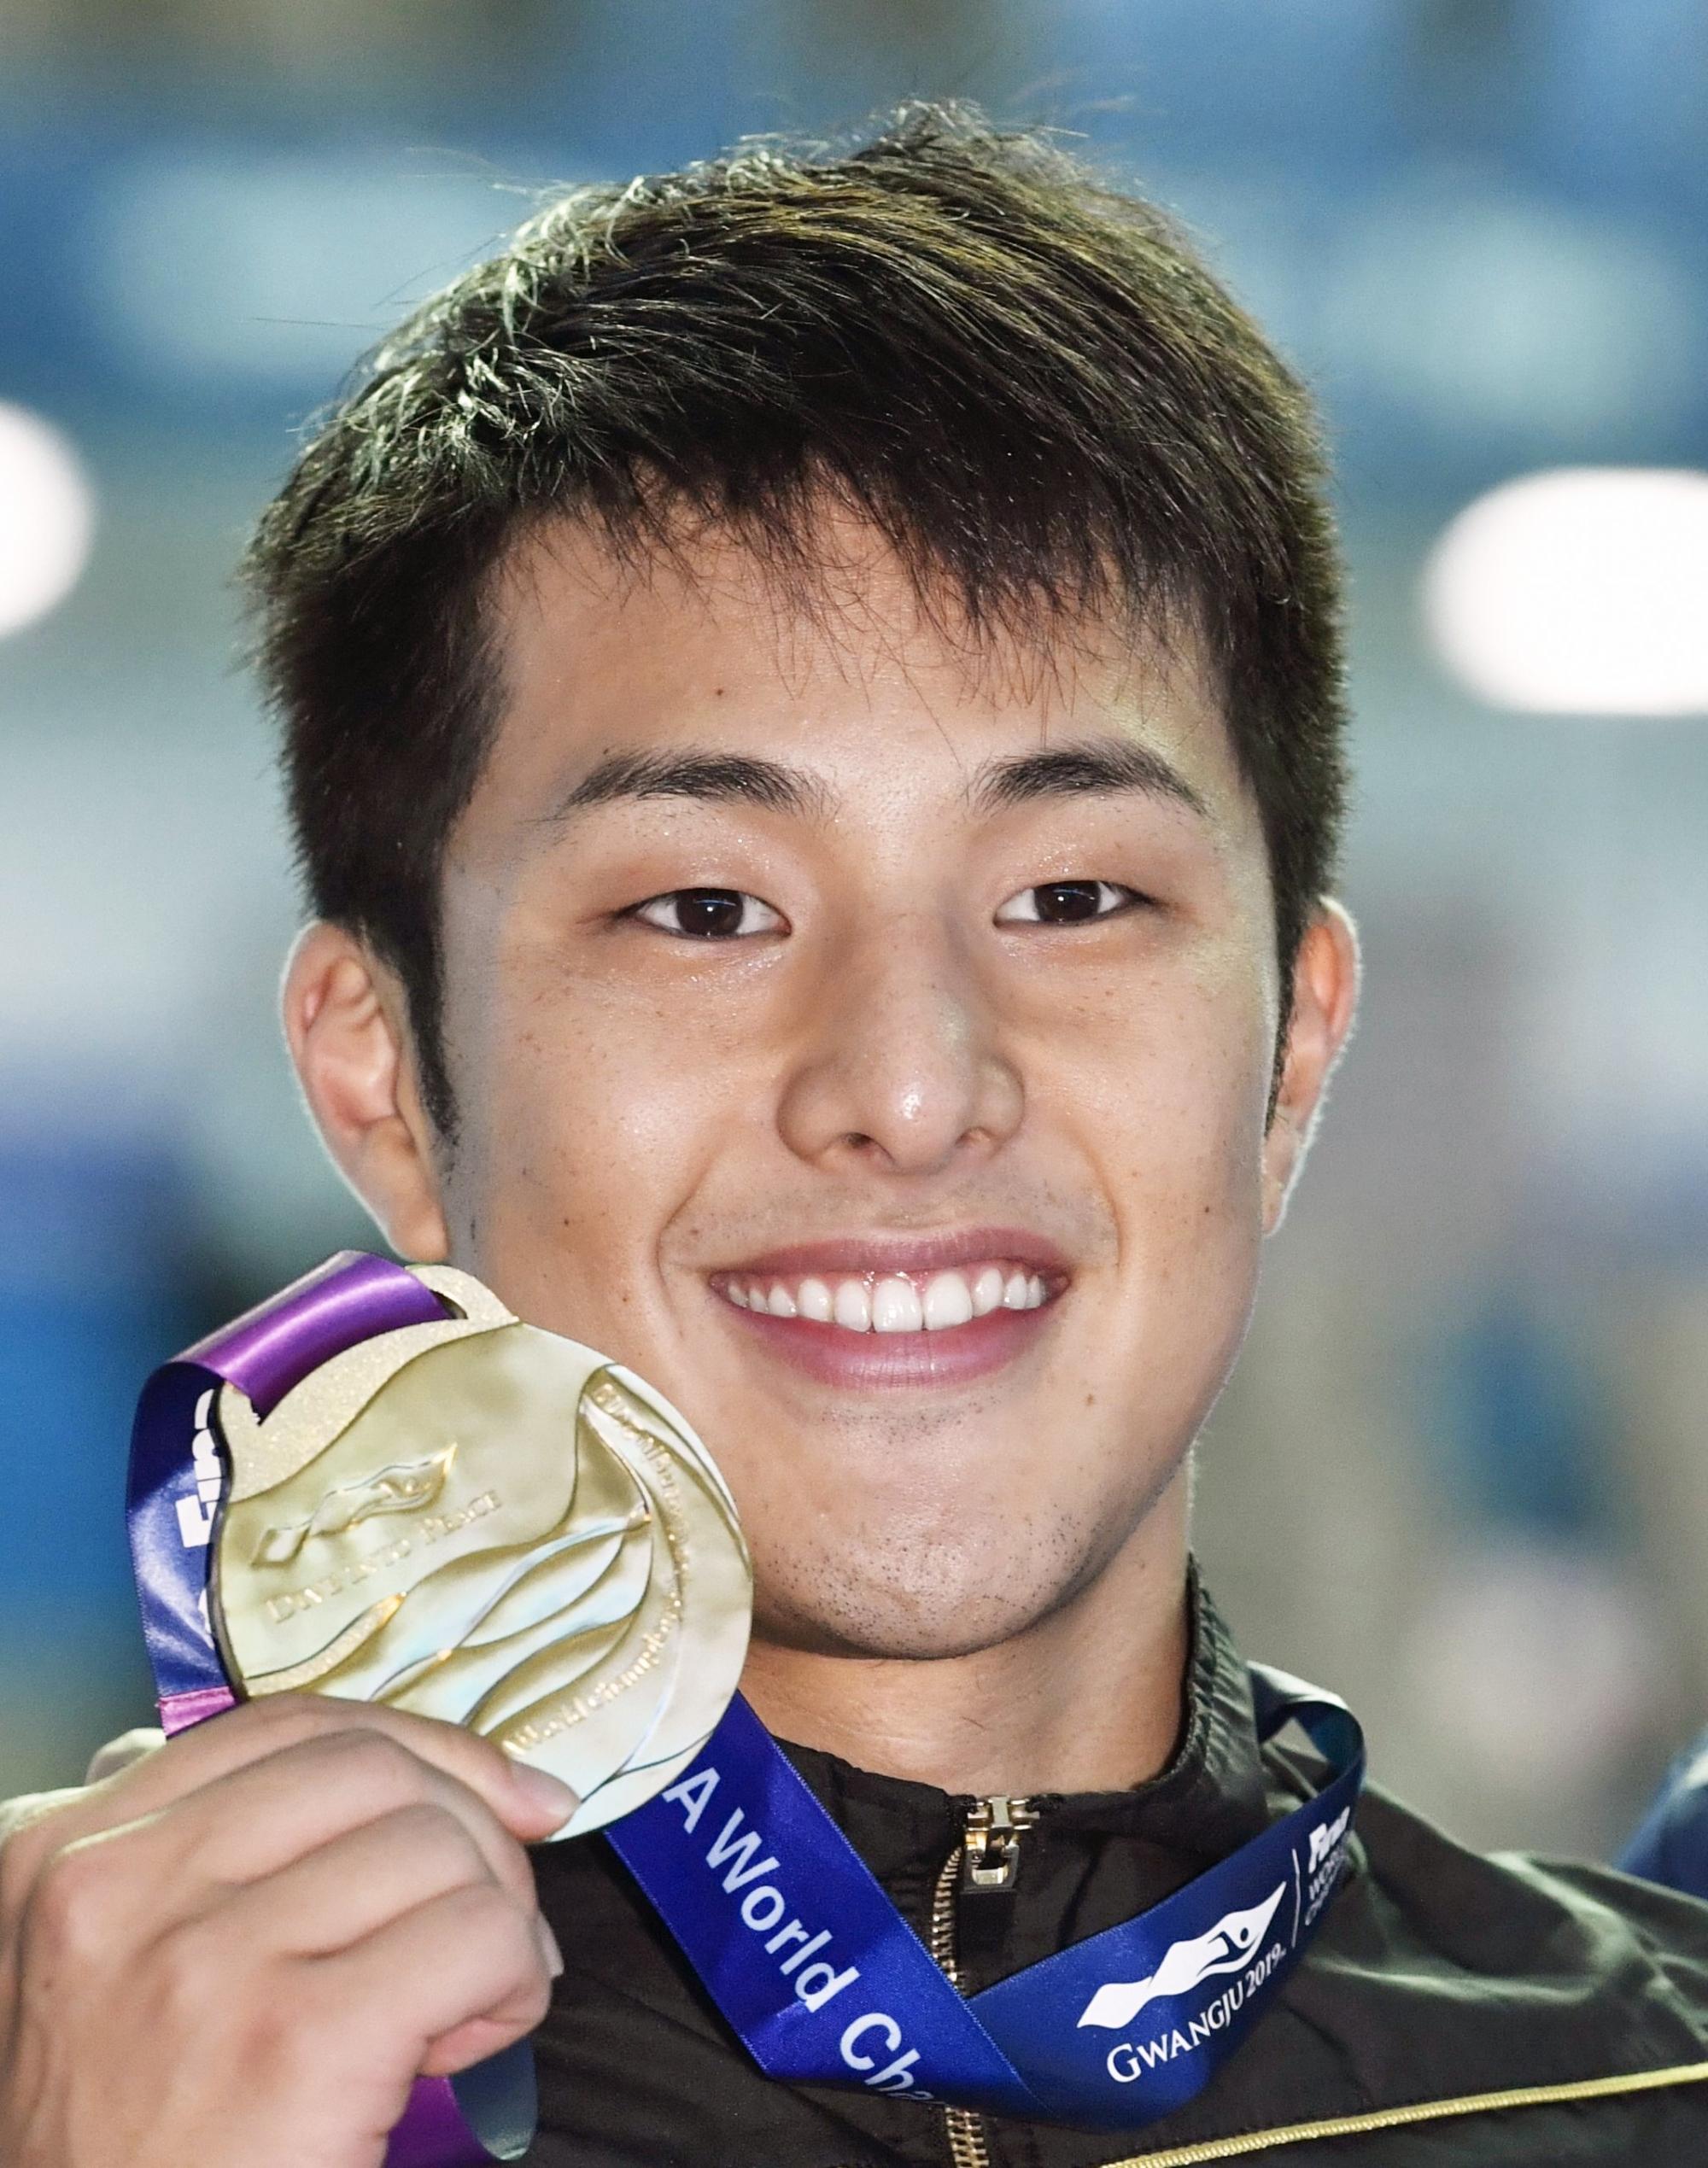 Swimmer Daiya Seto '17 to represent Japan at Tokyo Olympics 2020